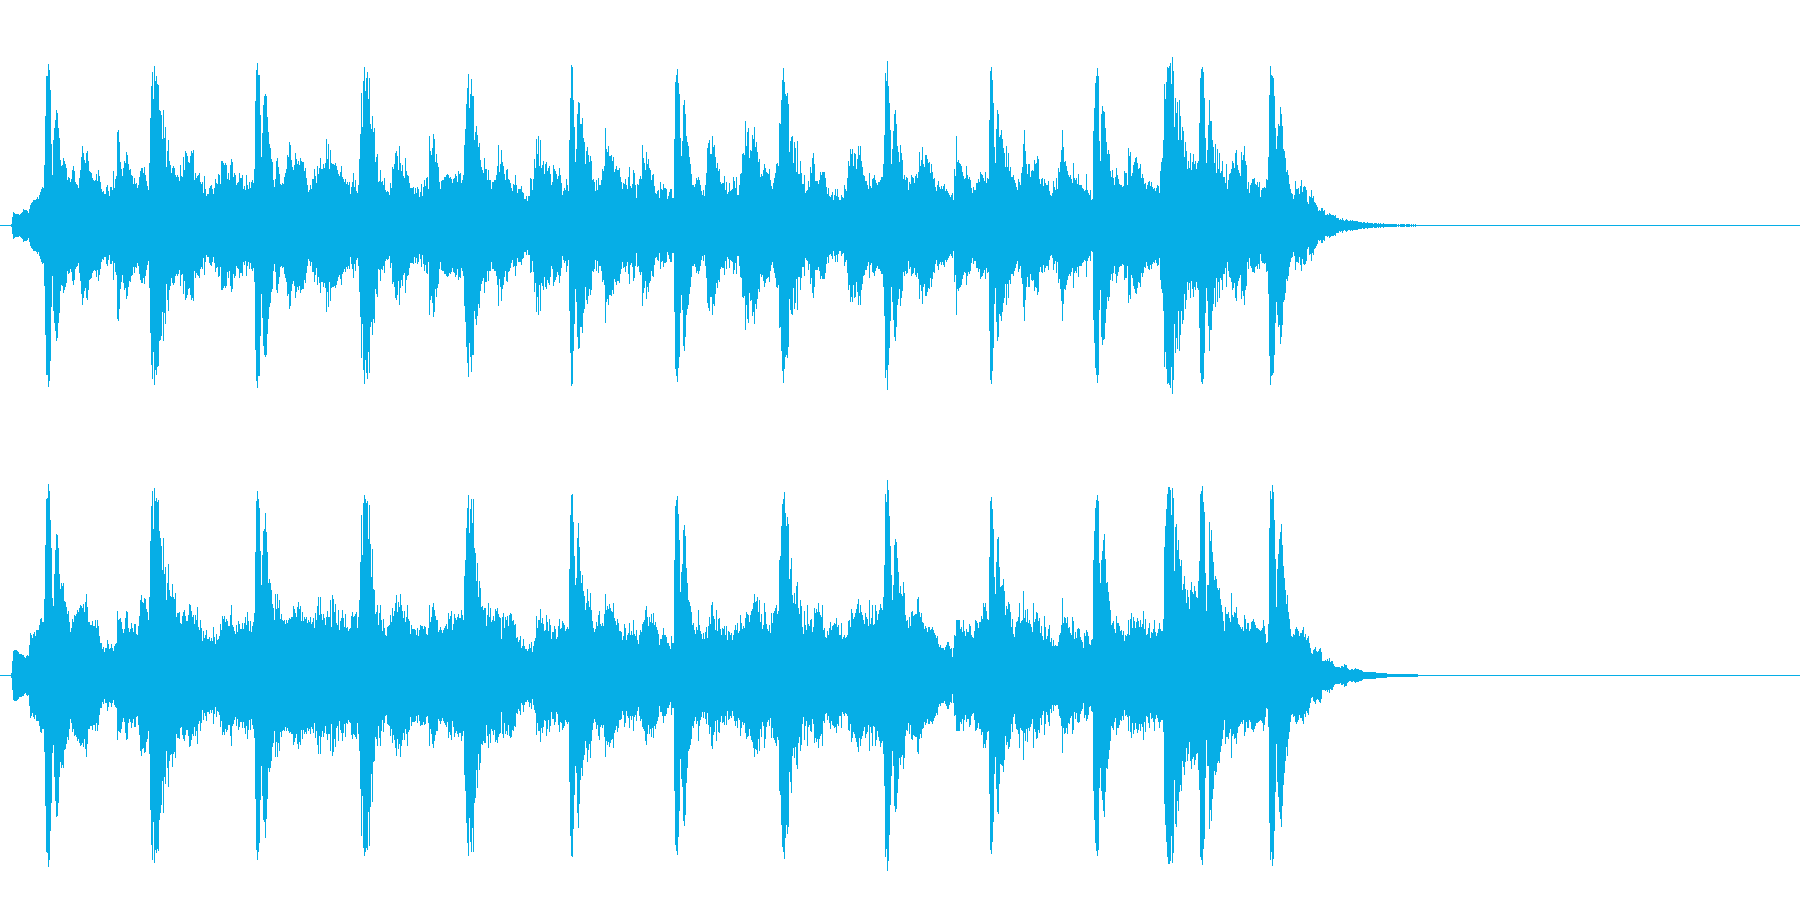 懐古的で温かいセミクラ(Aメロ)の再生済みの波形